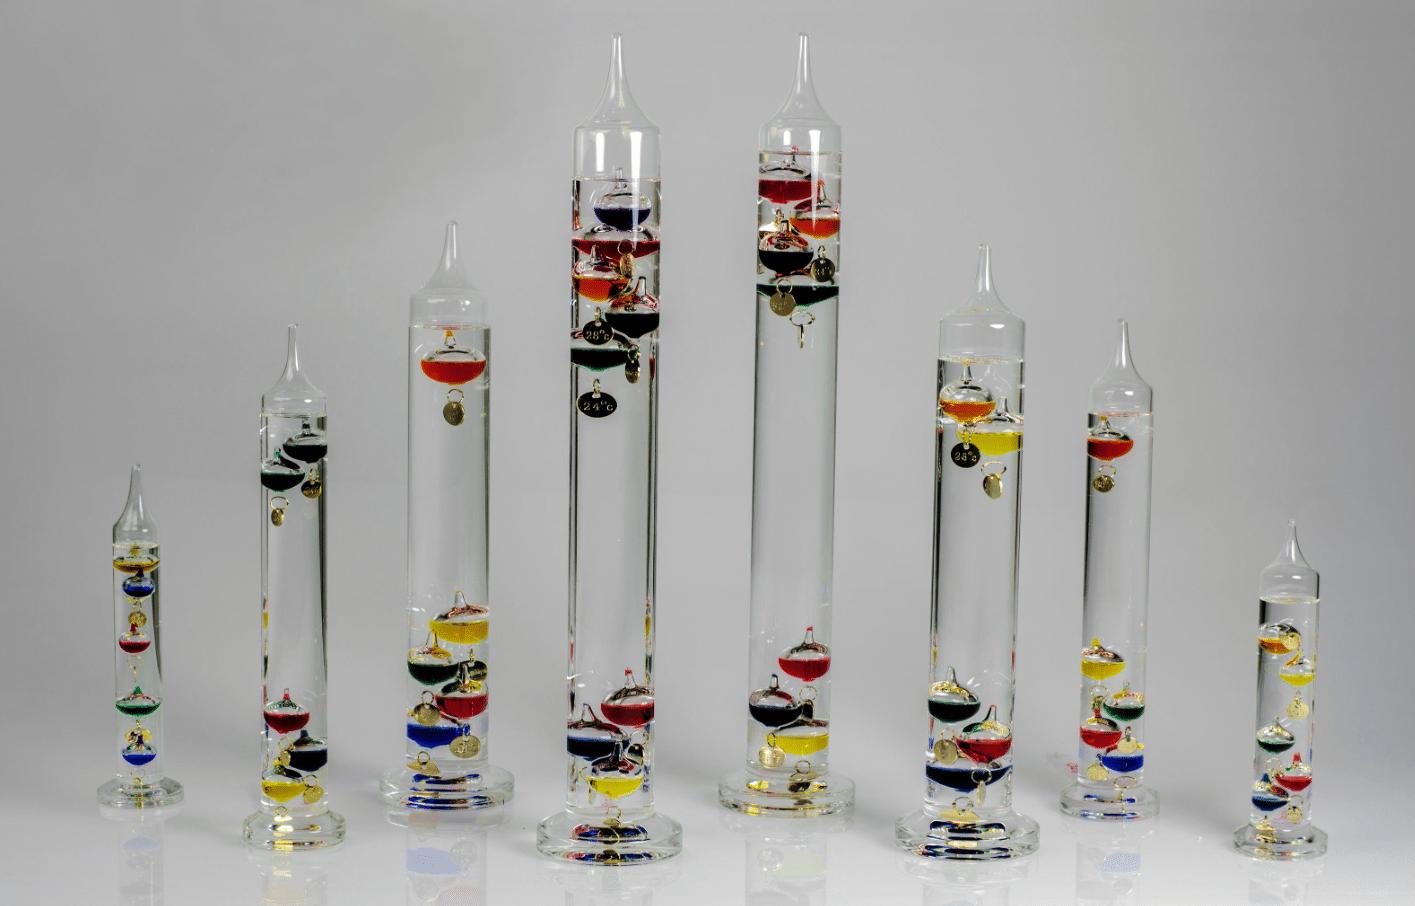 Decoración con termómetros de galileo